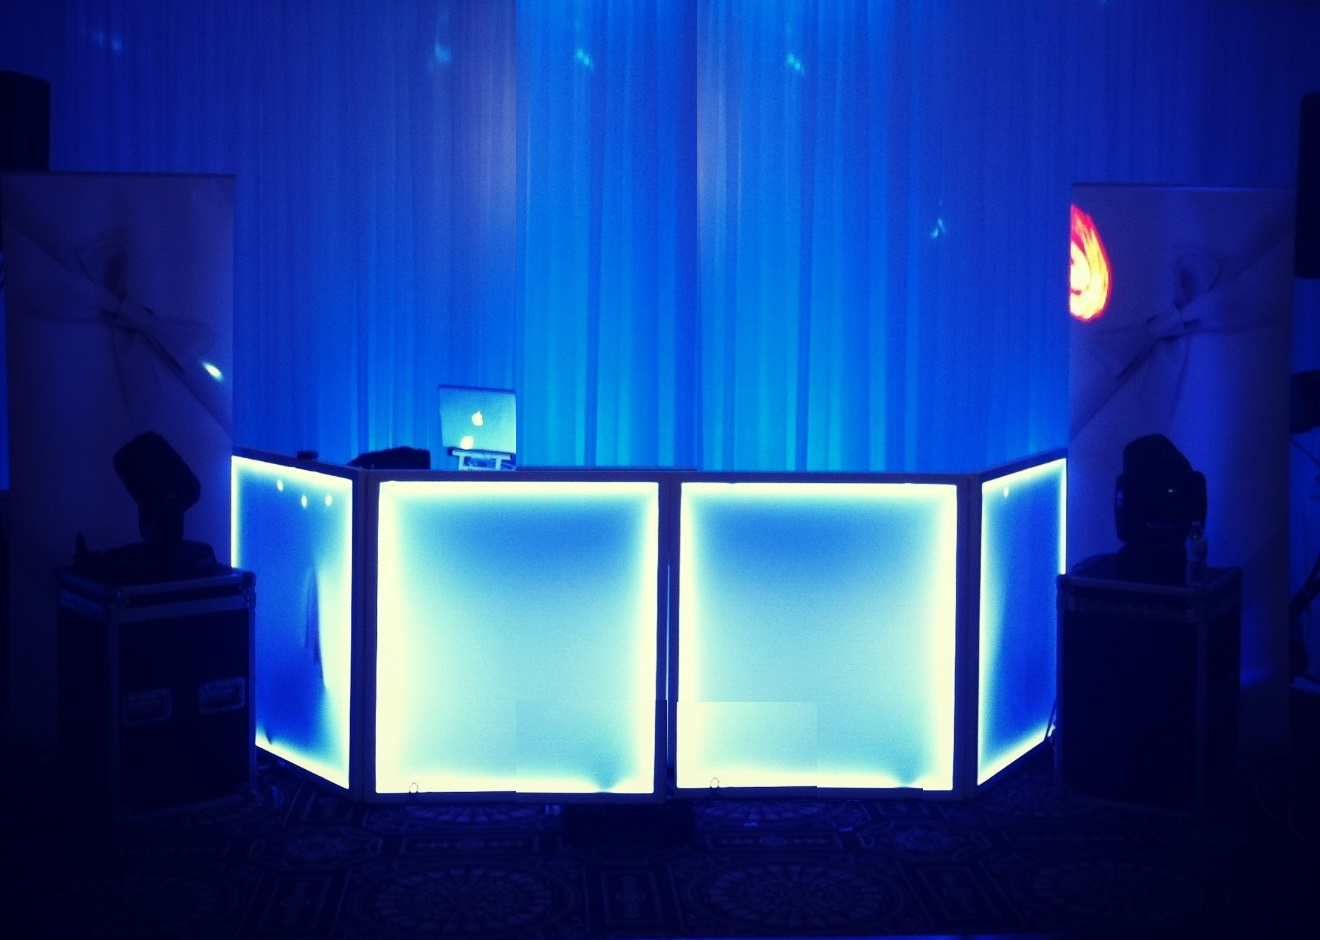 DJ booth